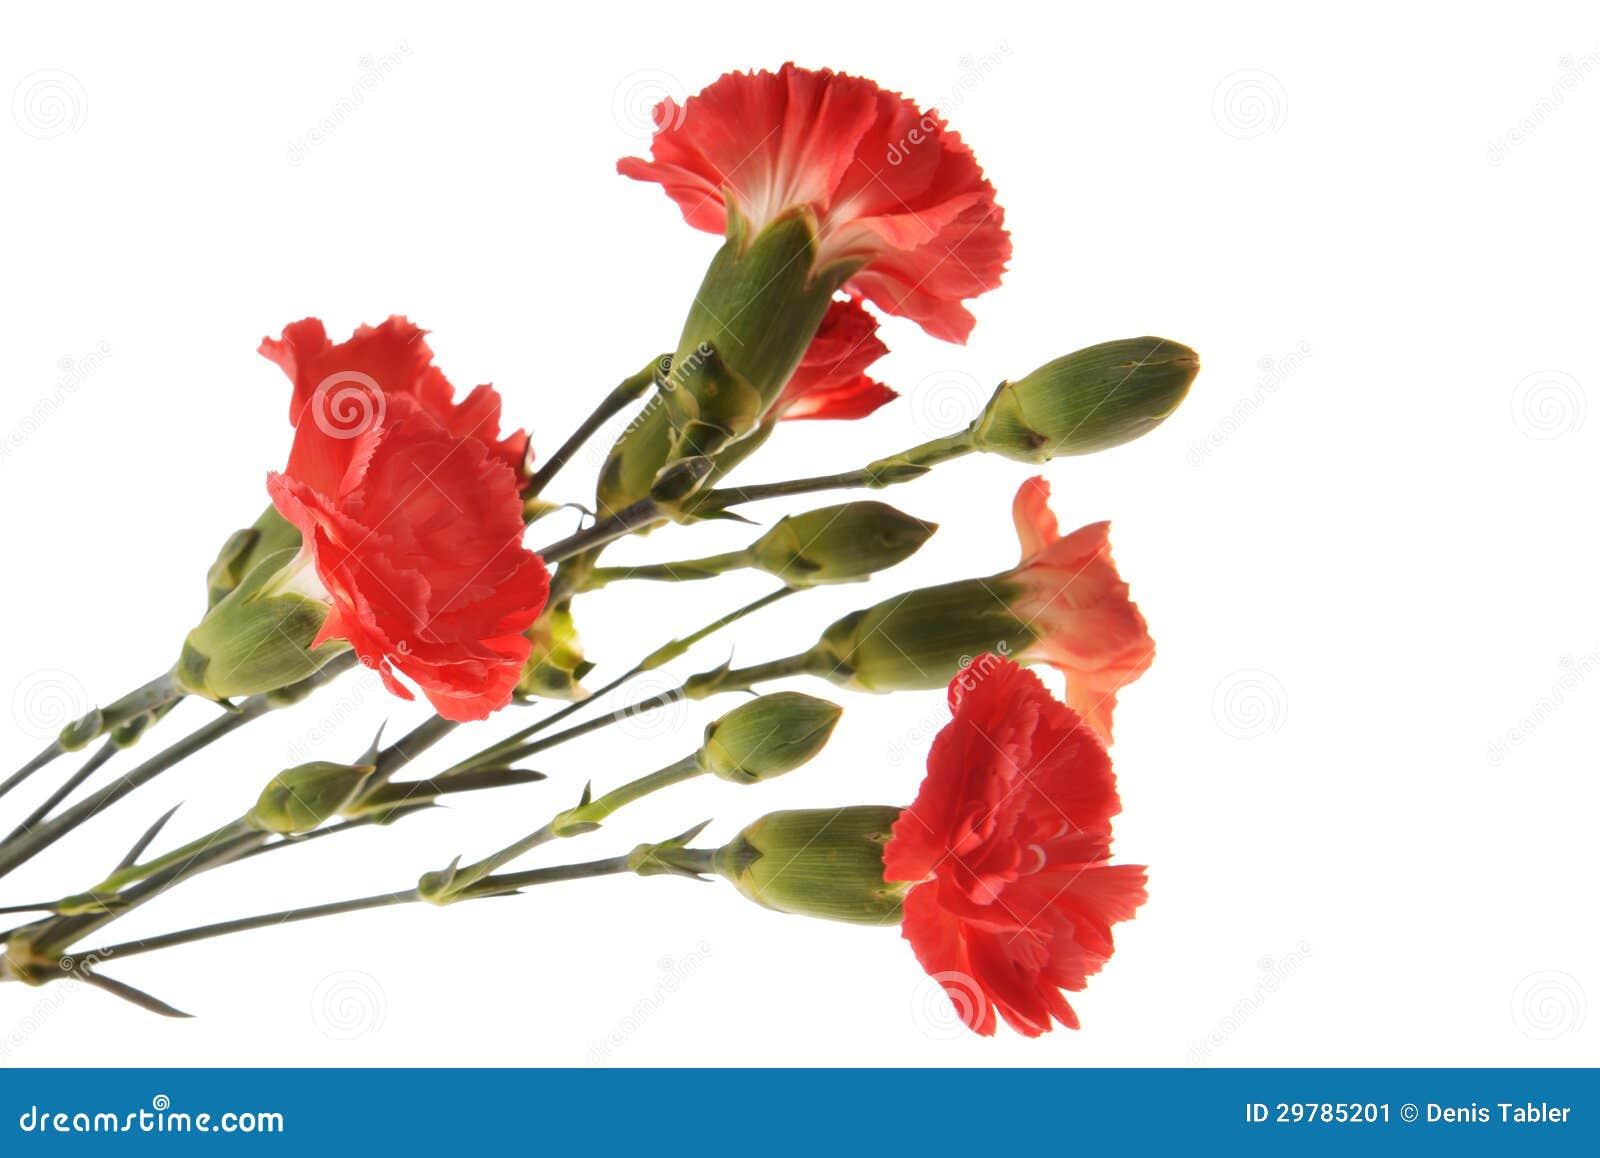 Garofano rosso immagine stock immagine 29785201 for Disegni del mazzo del cortile